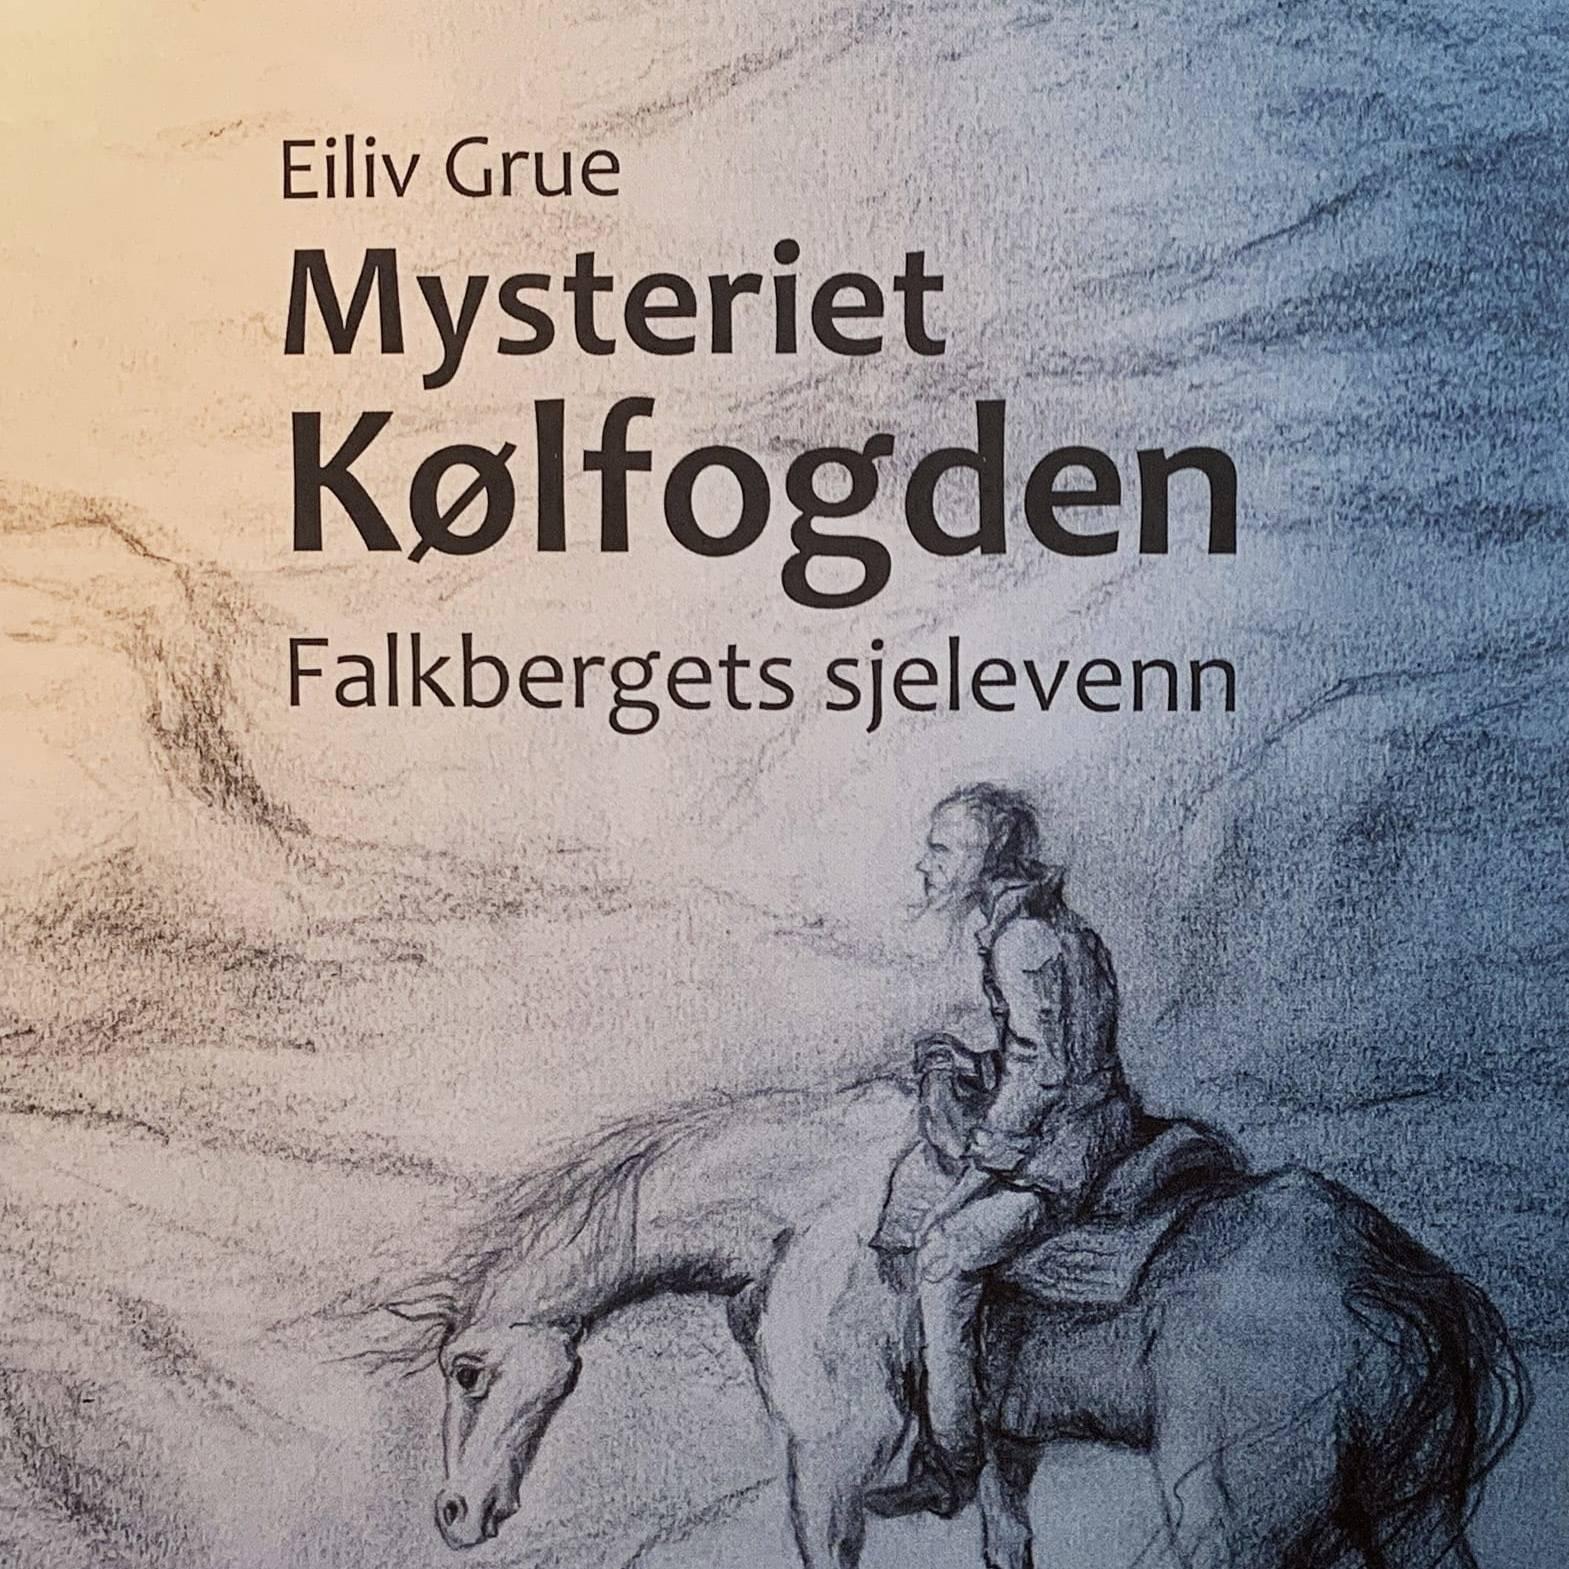 Mysteriet Kølfogden, av Eiliv Grue.